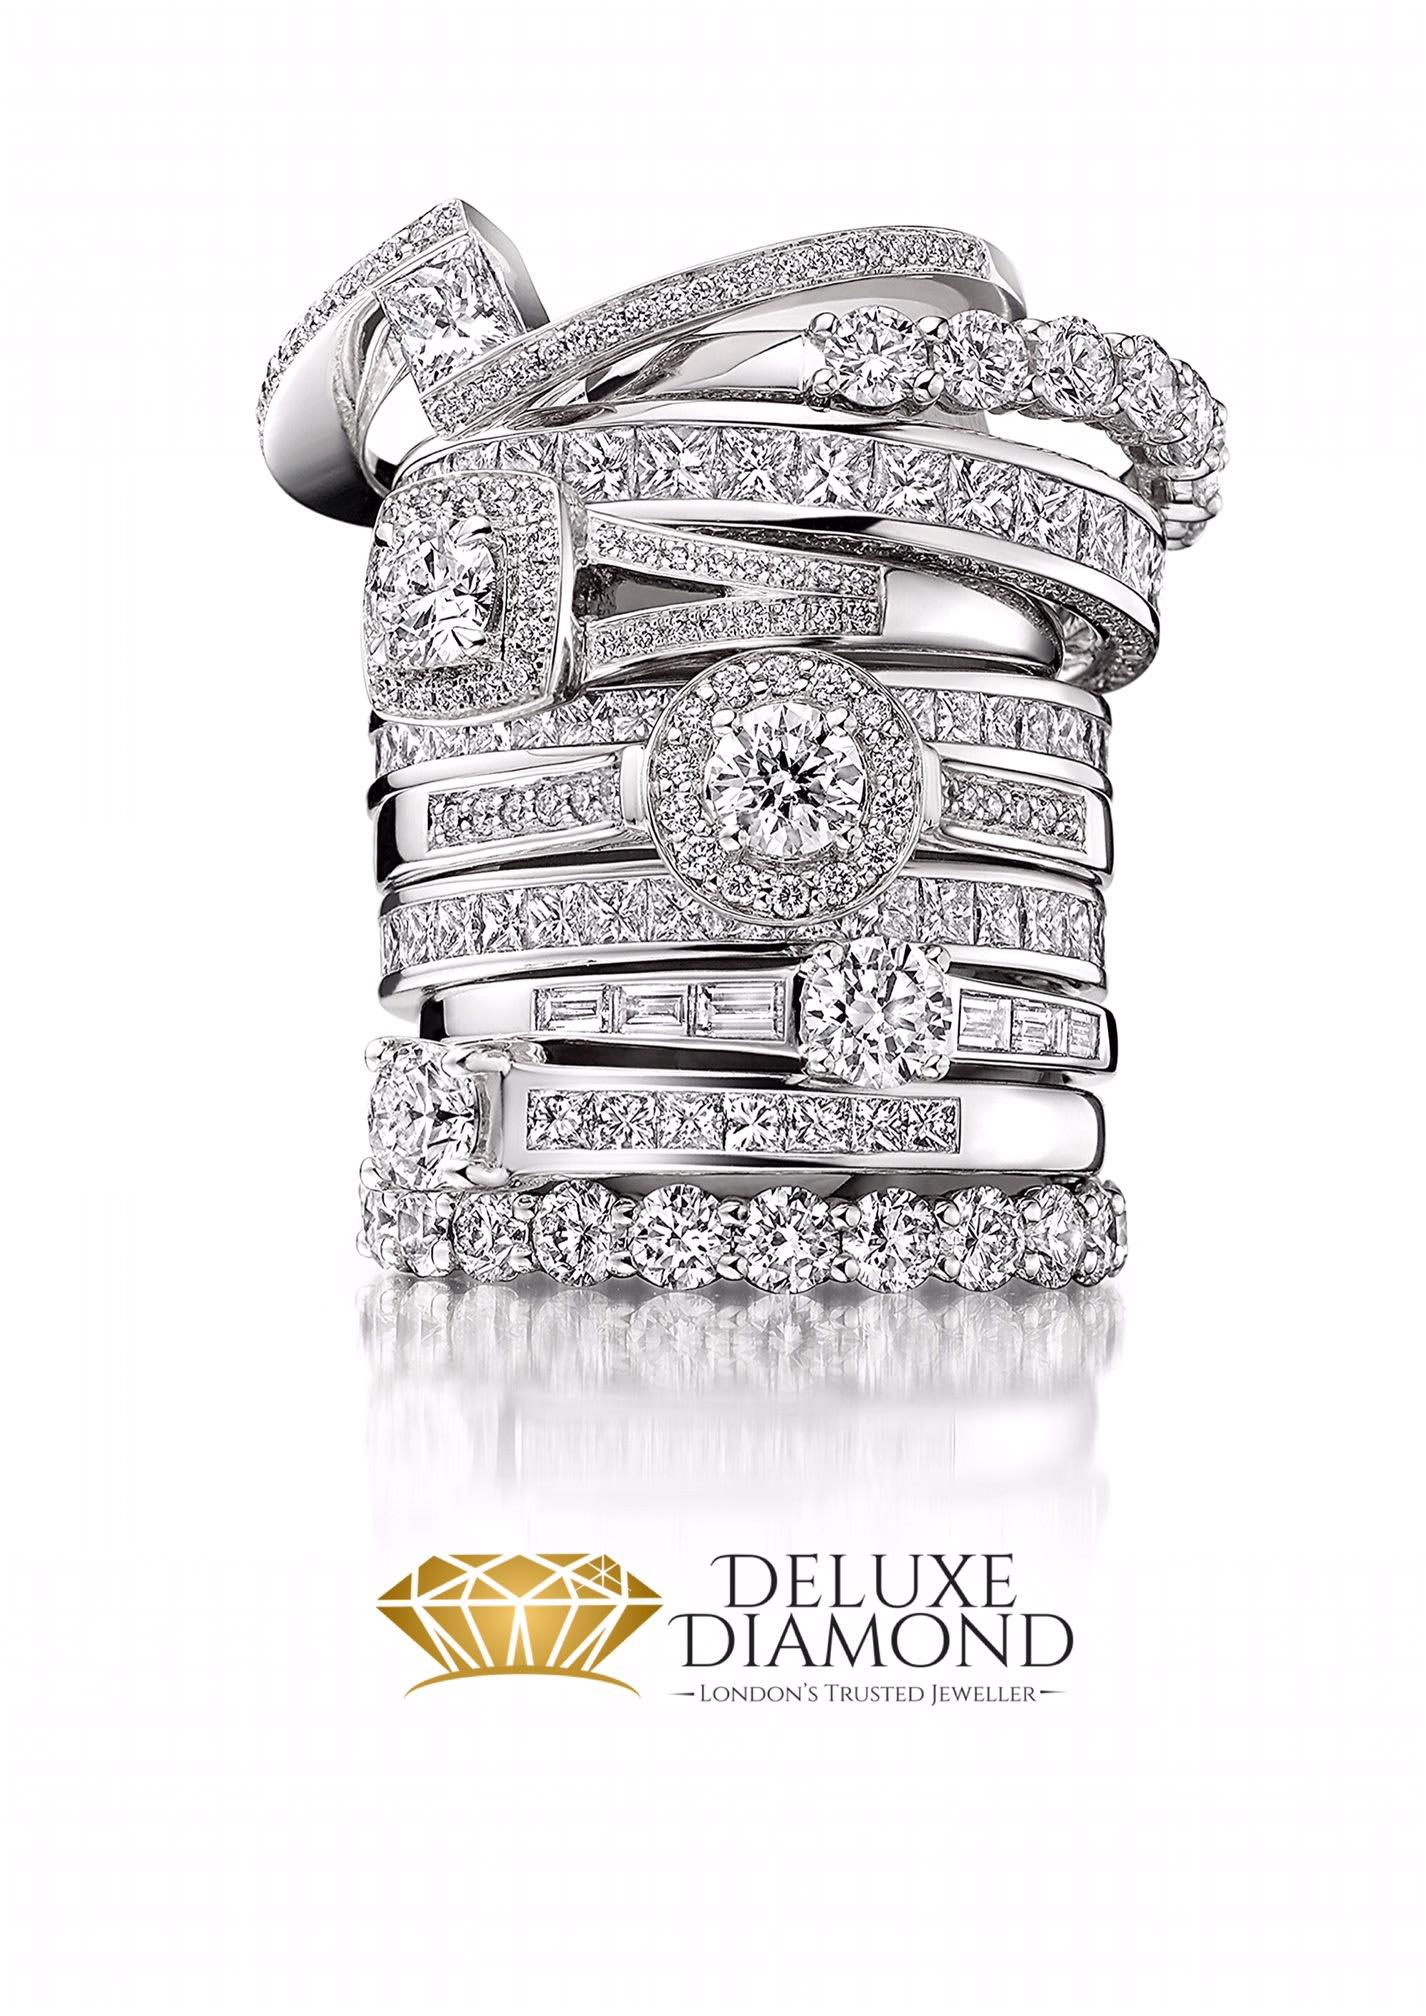 Deluxe Diamond